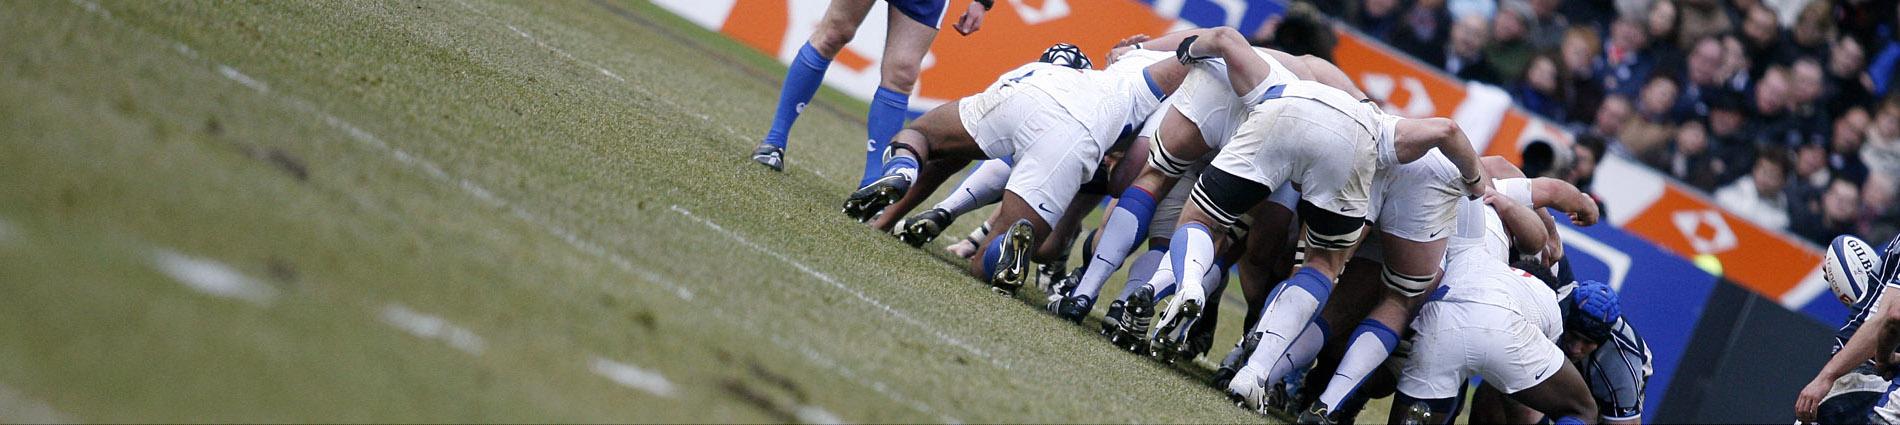 Comité du Tarn de rugby